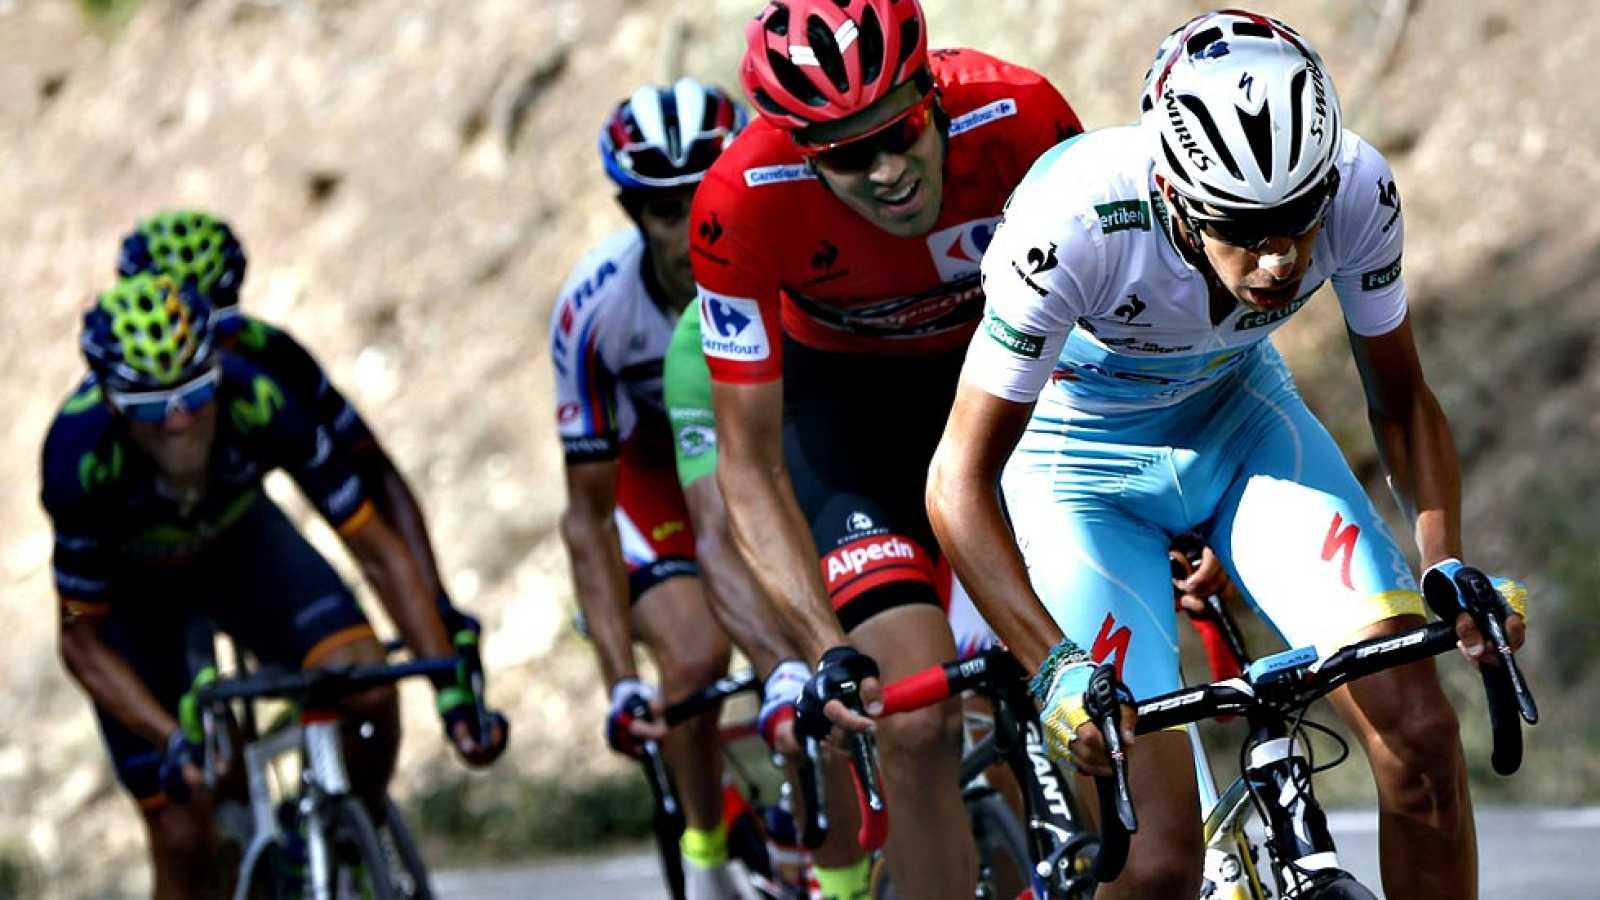 El conjunto Astana y su líder, el italiano Fabio Aru, acaban con las opciones de triunfo del holandés Dumoulin en el puerto de la Sierra de Guadarrama durante la 20ª etapa de la Vuelta ciclista a España 2015.